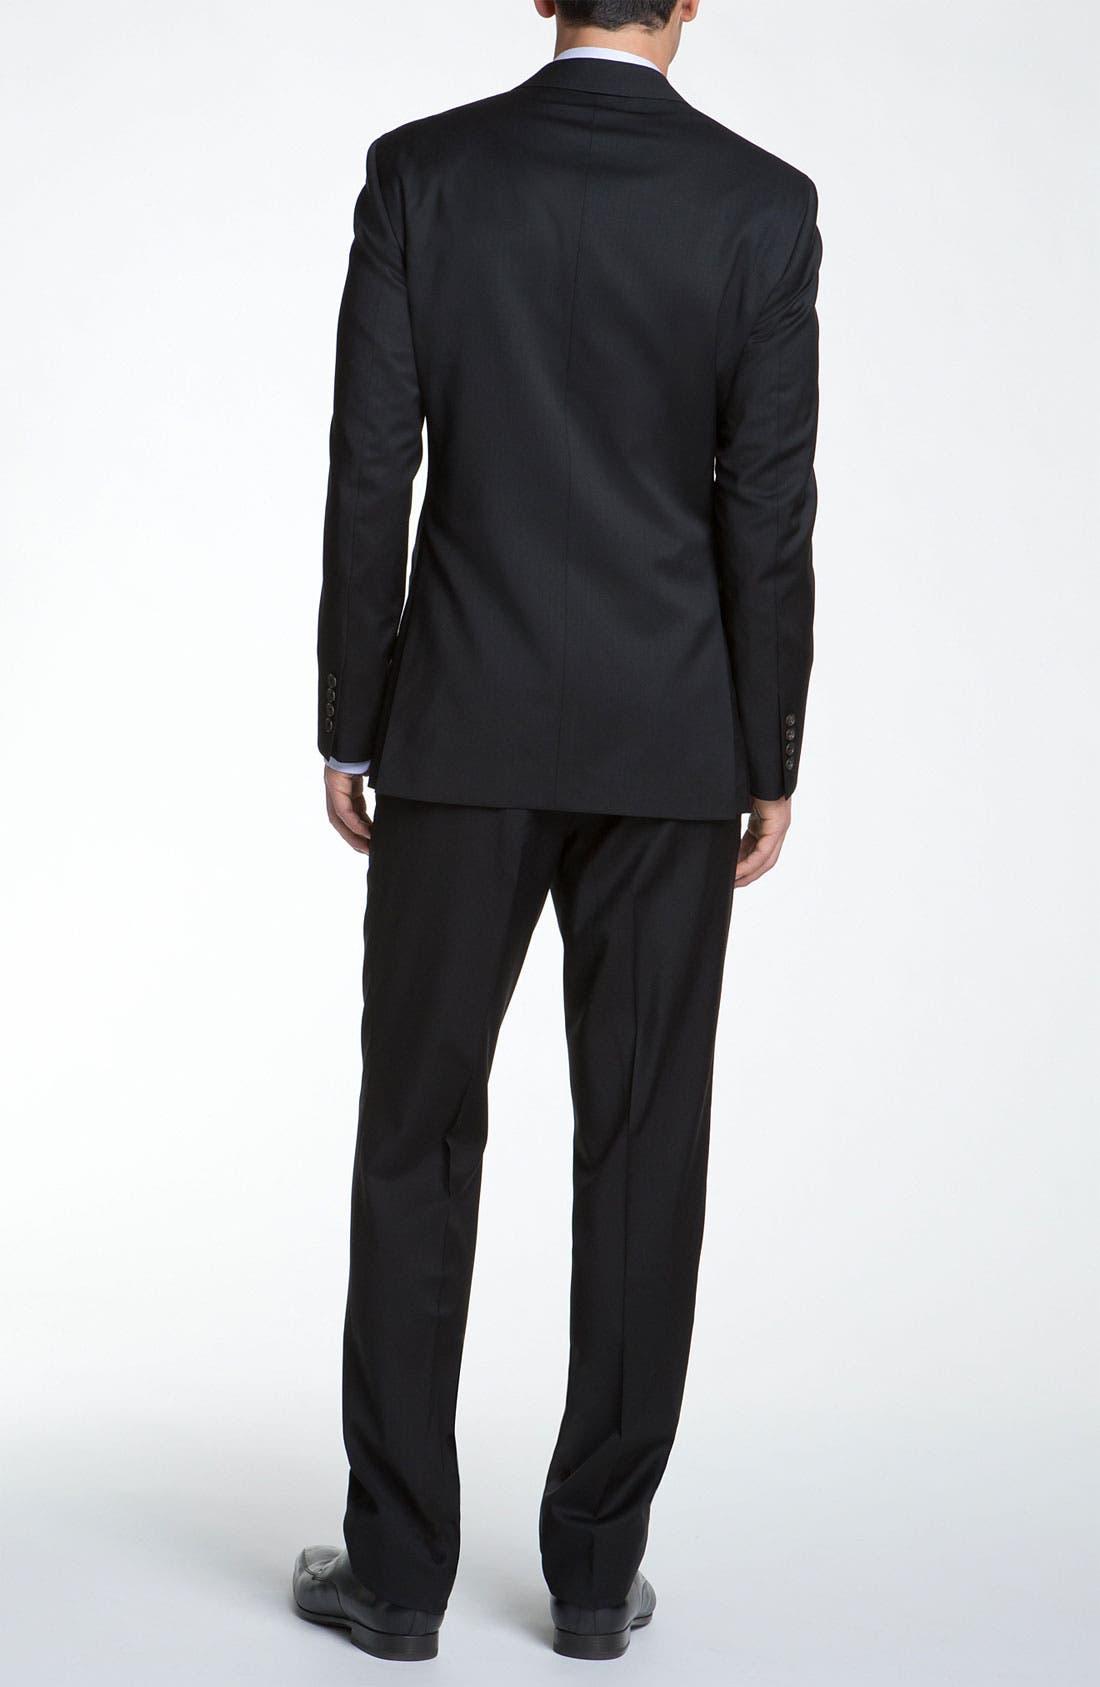 Jones Trim Fit Wool Suit,                             Alternate thumbnail 13, color,                             001